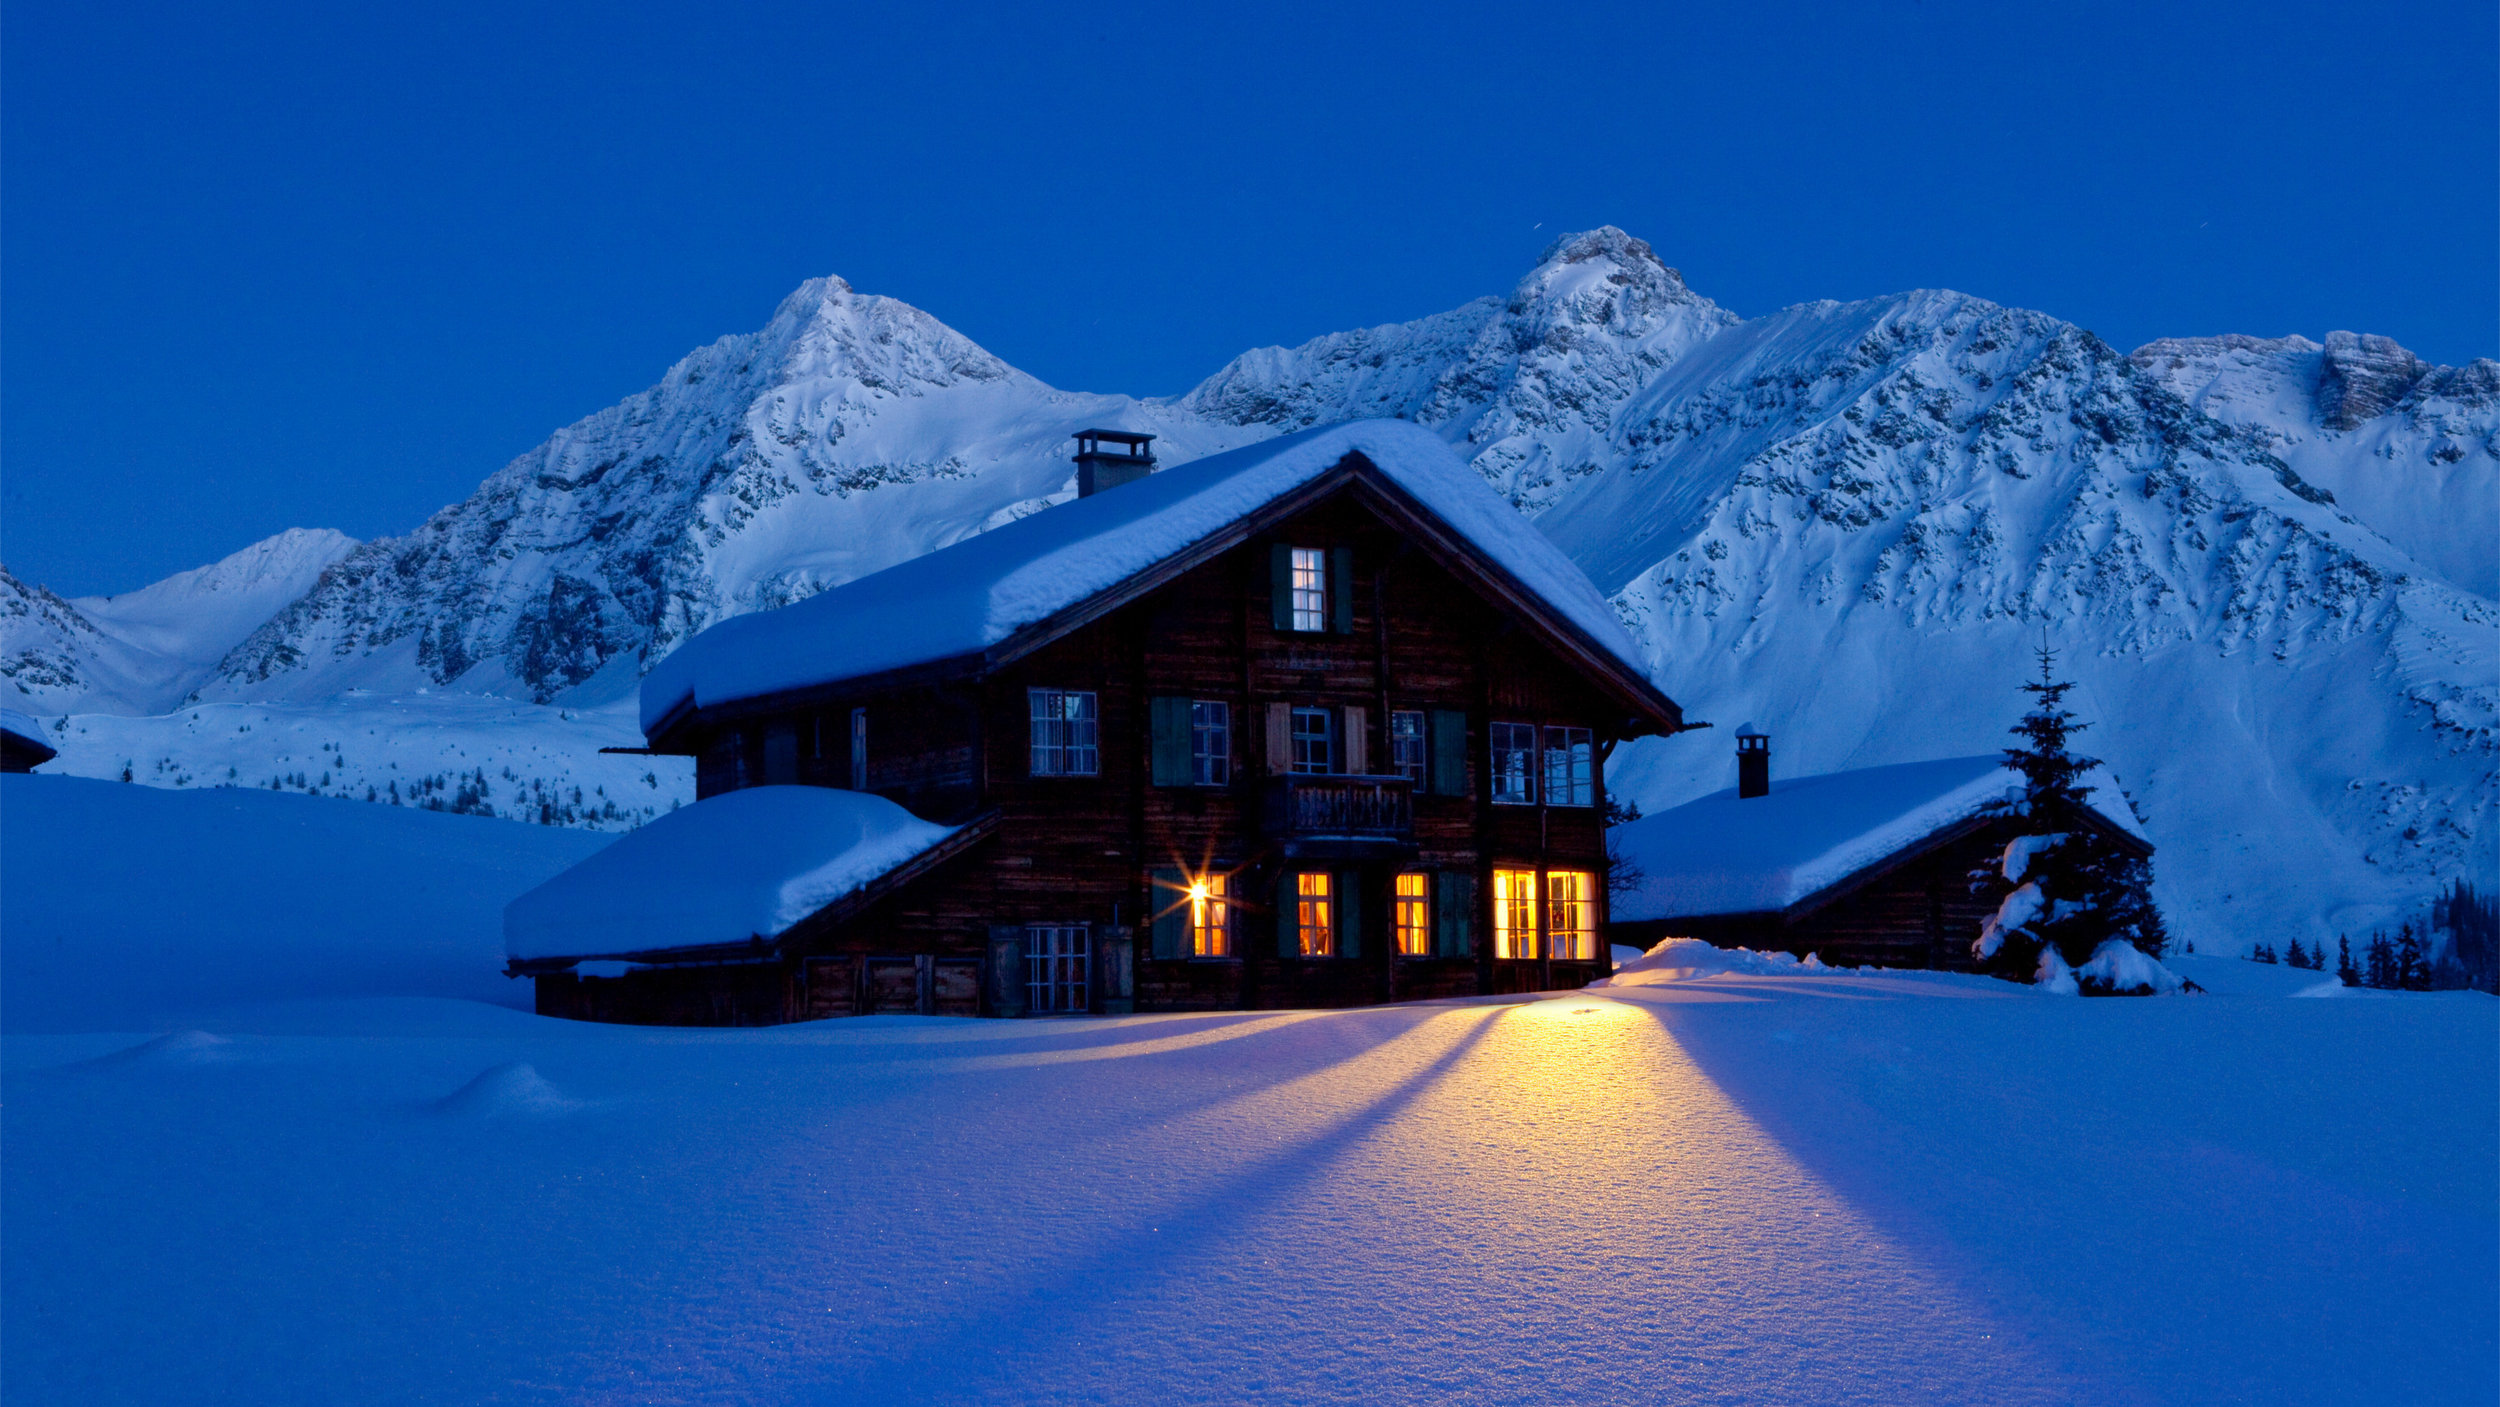 Winterzeit bei der WohnhilfeWinter time at Wohnhilfe -